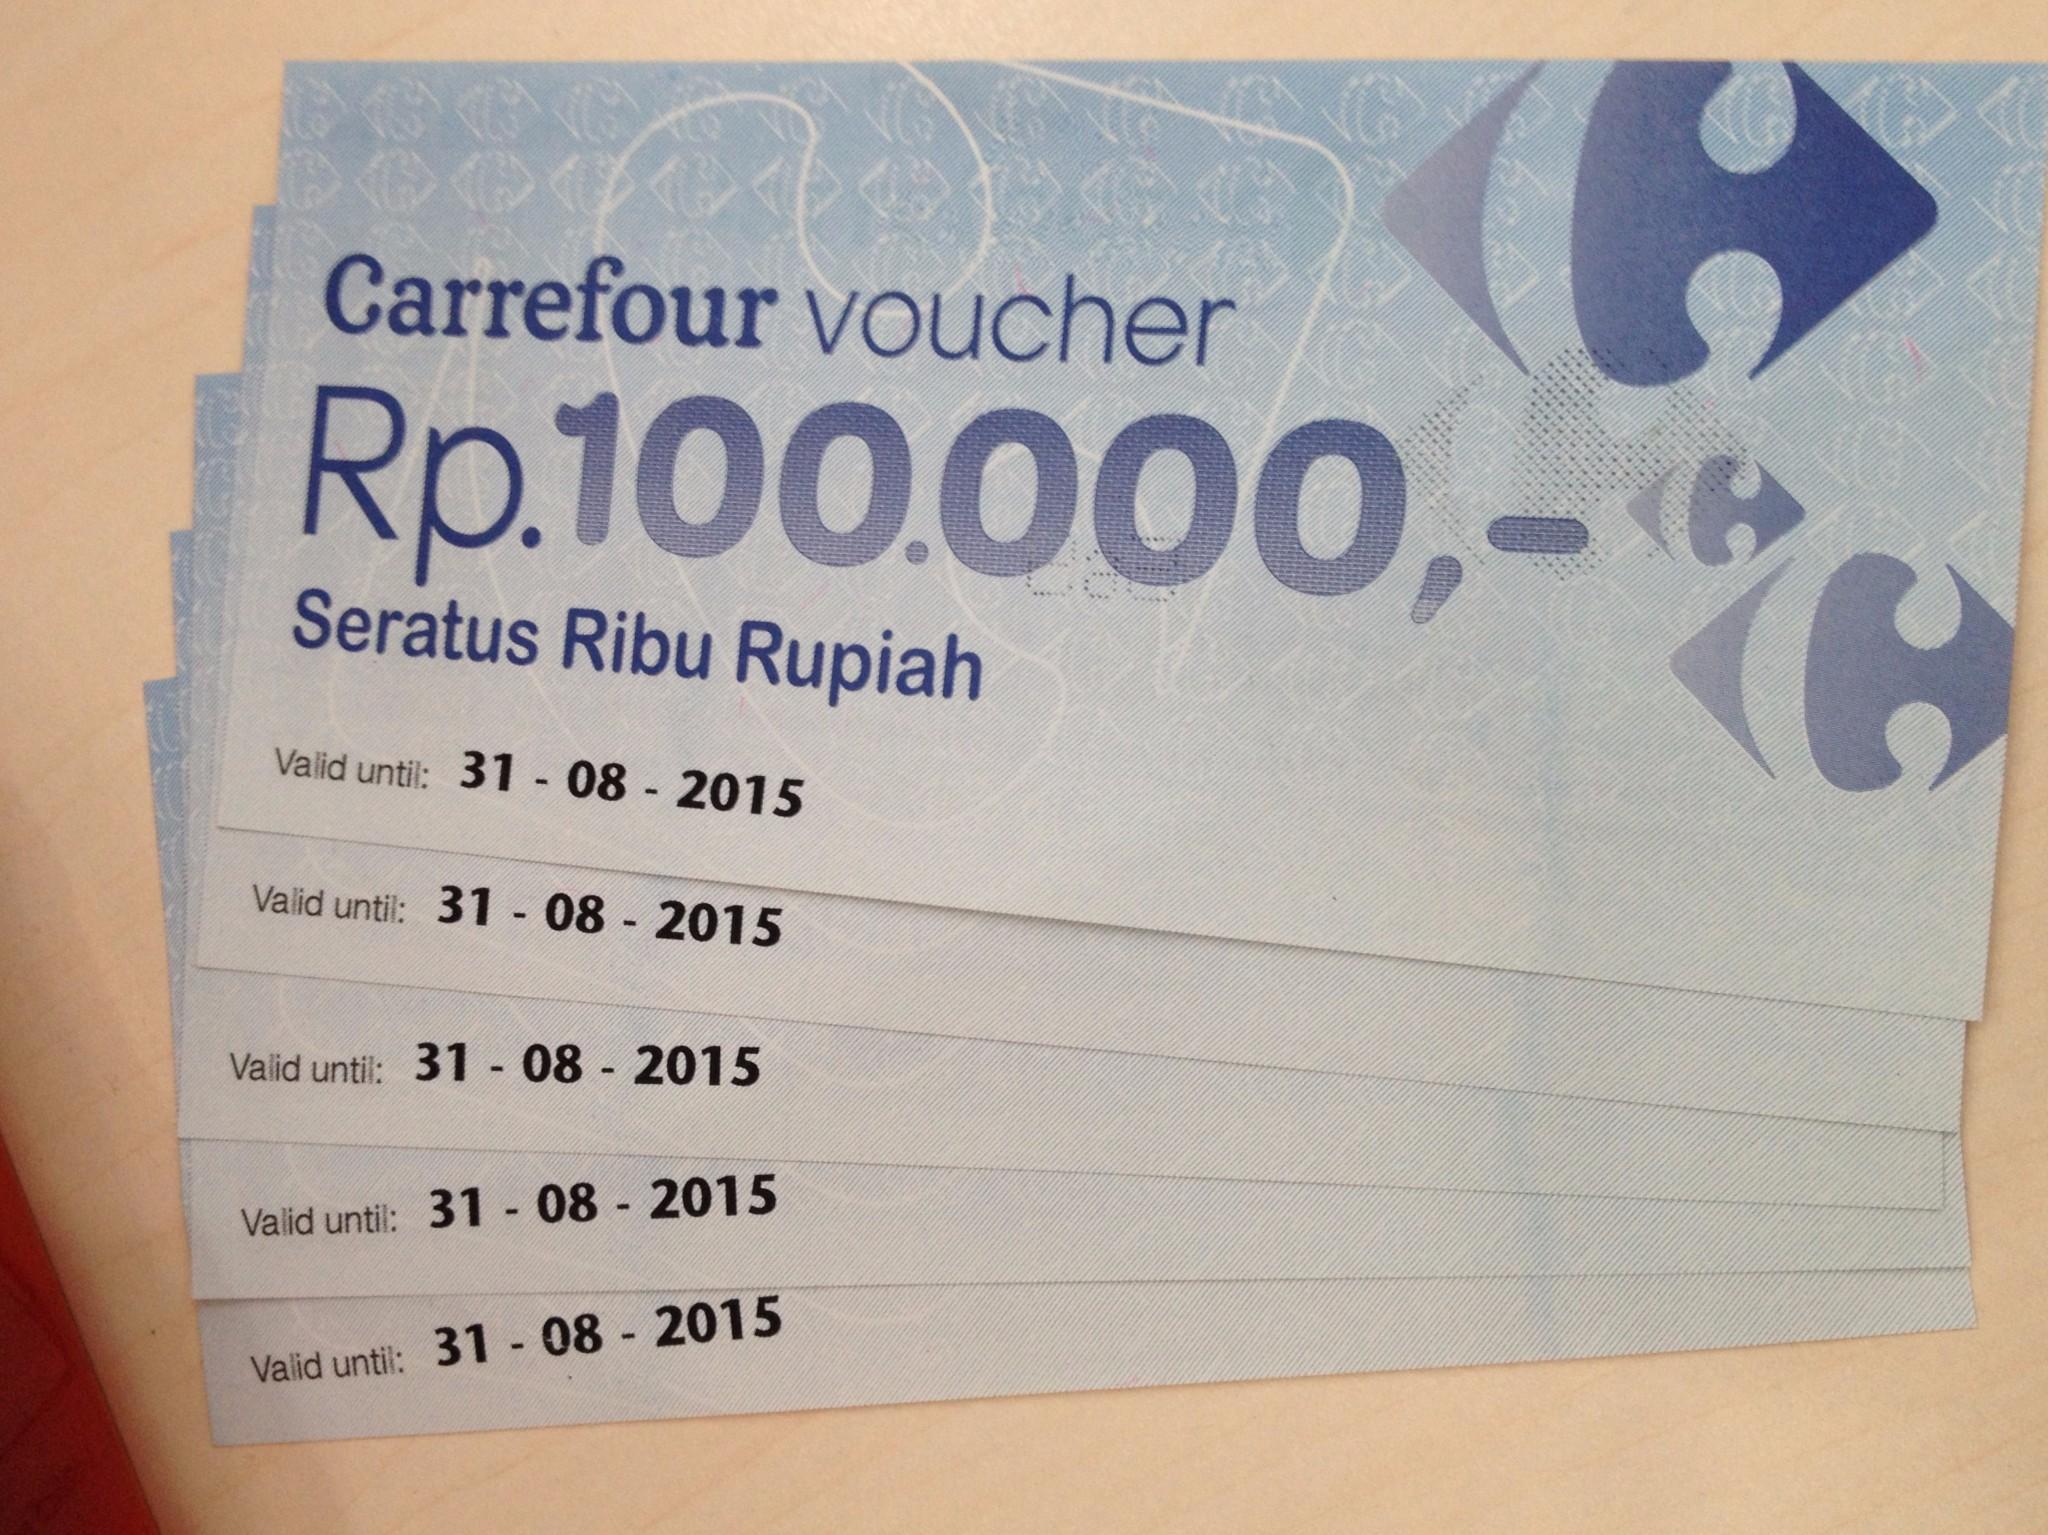 Carrefour Voucher 1000000 Daftar Harga Terlengkap Indonesia Carefour Nominal 100000 Jual